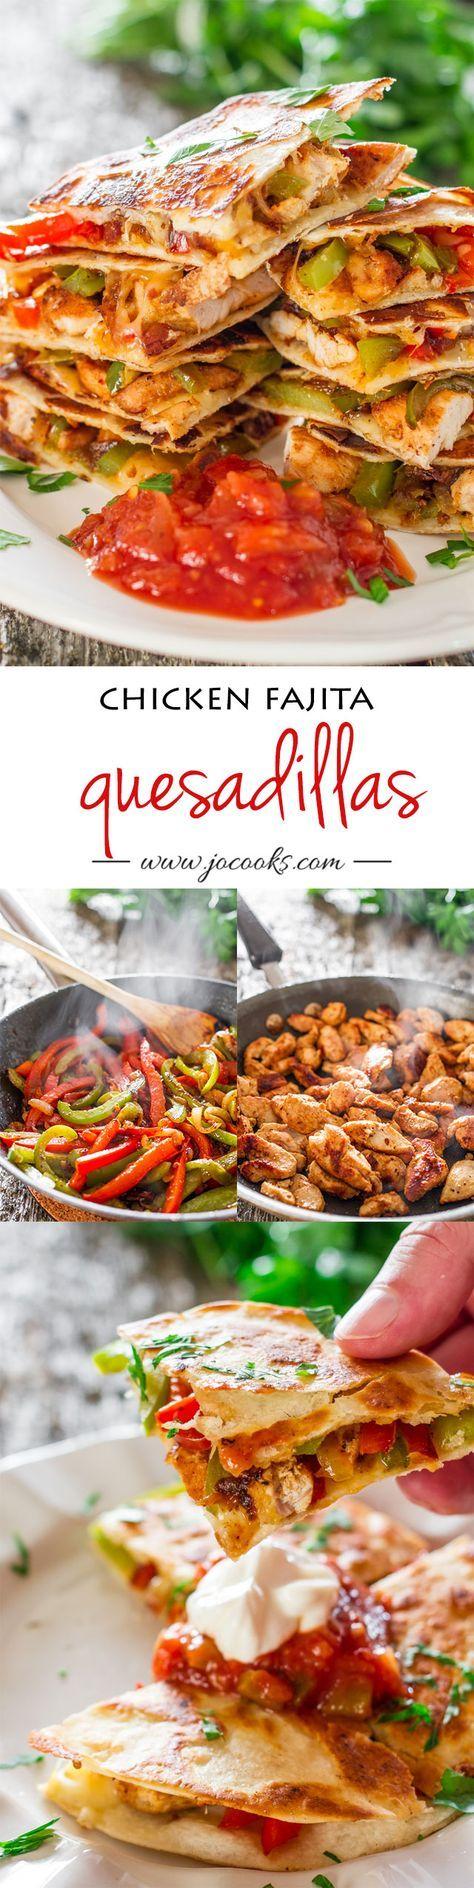 Chicken Fajita Quesadillas!  Well these look just scrumptious! #texmex #quesadillas #dan330  http://livedan330.com/2015/03/17/chicken-fajitas-quesadillas/❤️